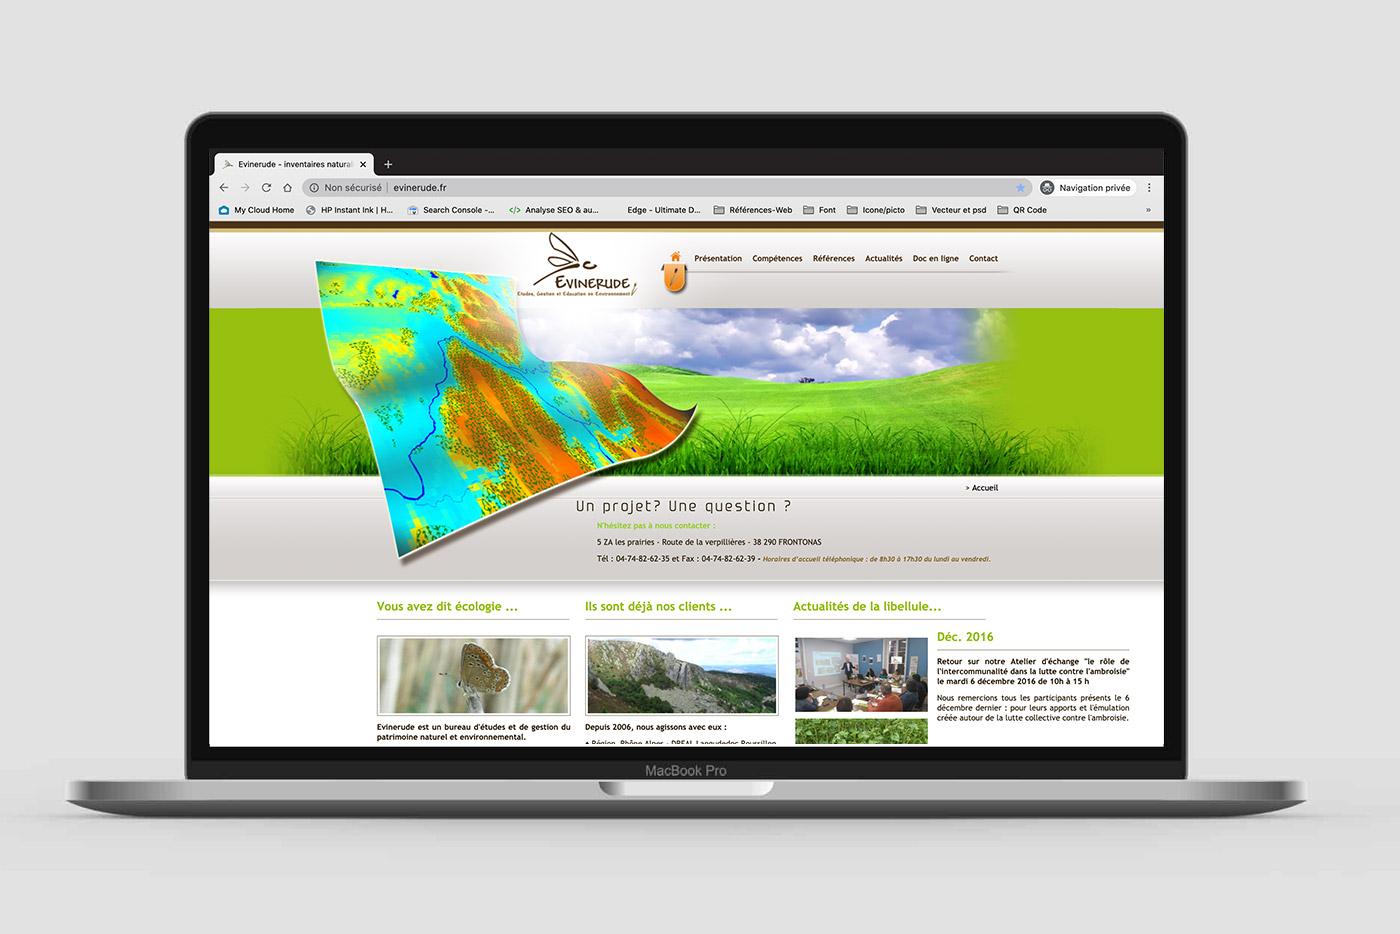 Site Internet Evinerude